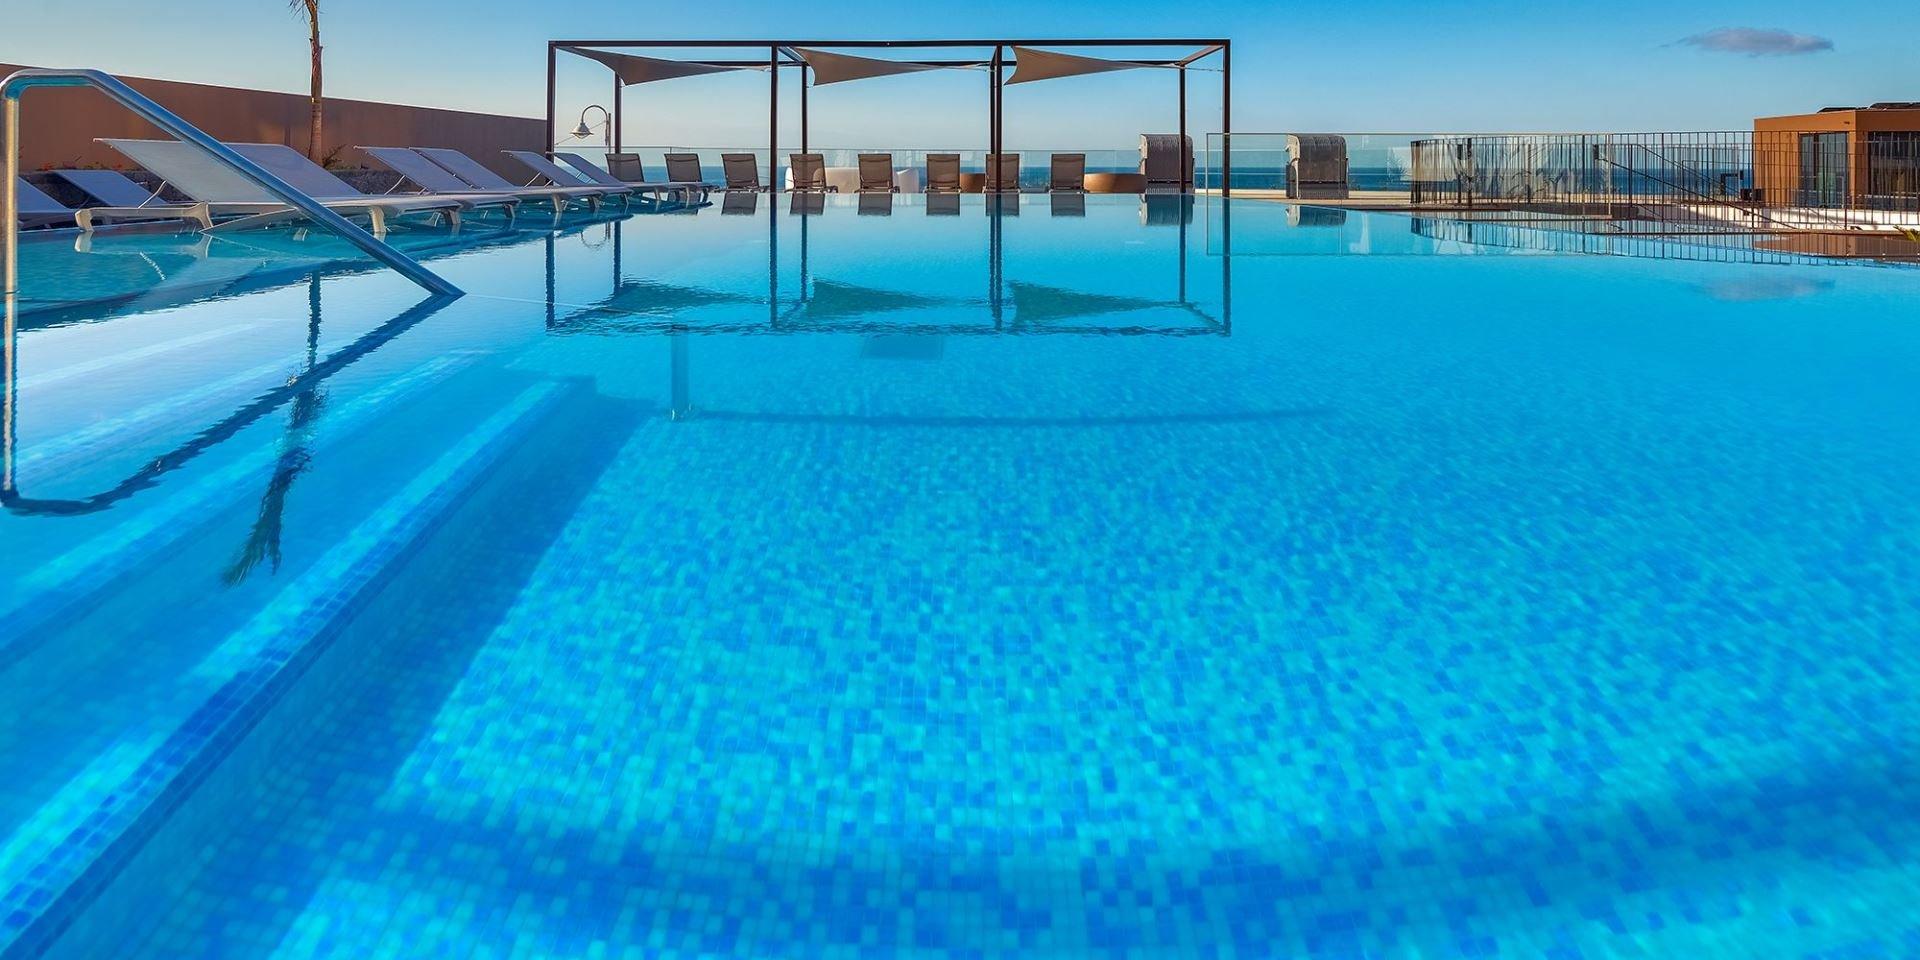 Steuler Pool Linings Galomar Hotel Outdoor Pool